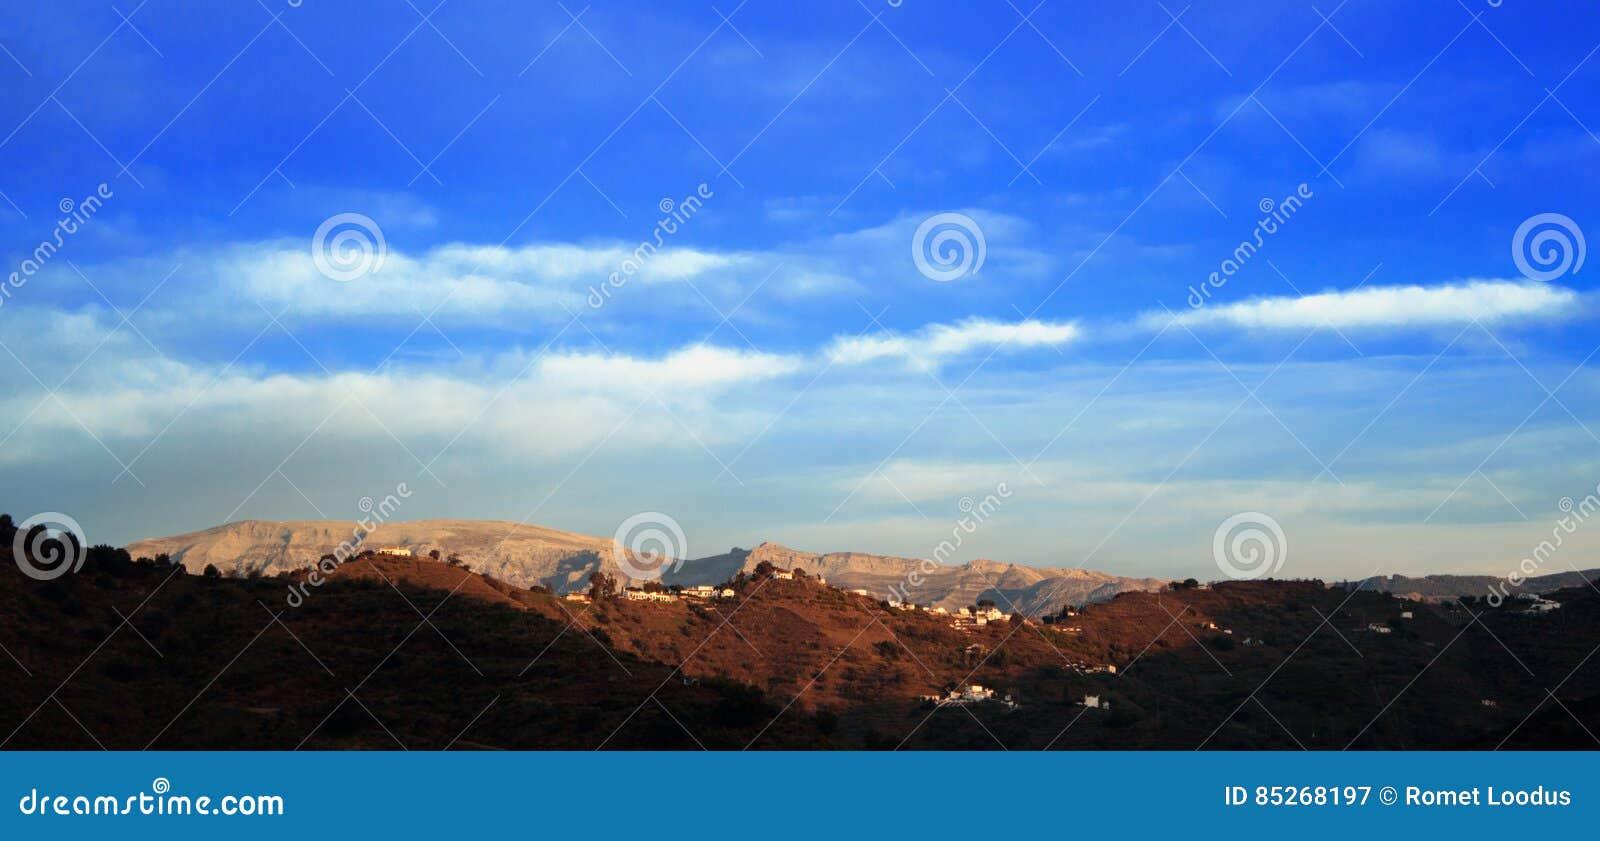 Горы ландшафта в Малаге